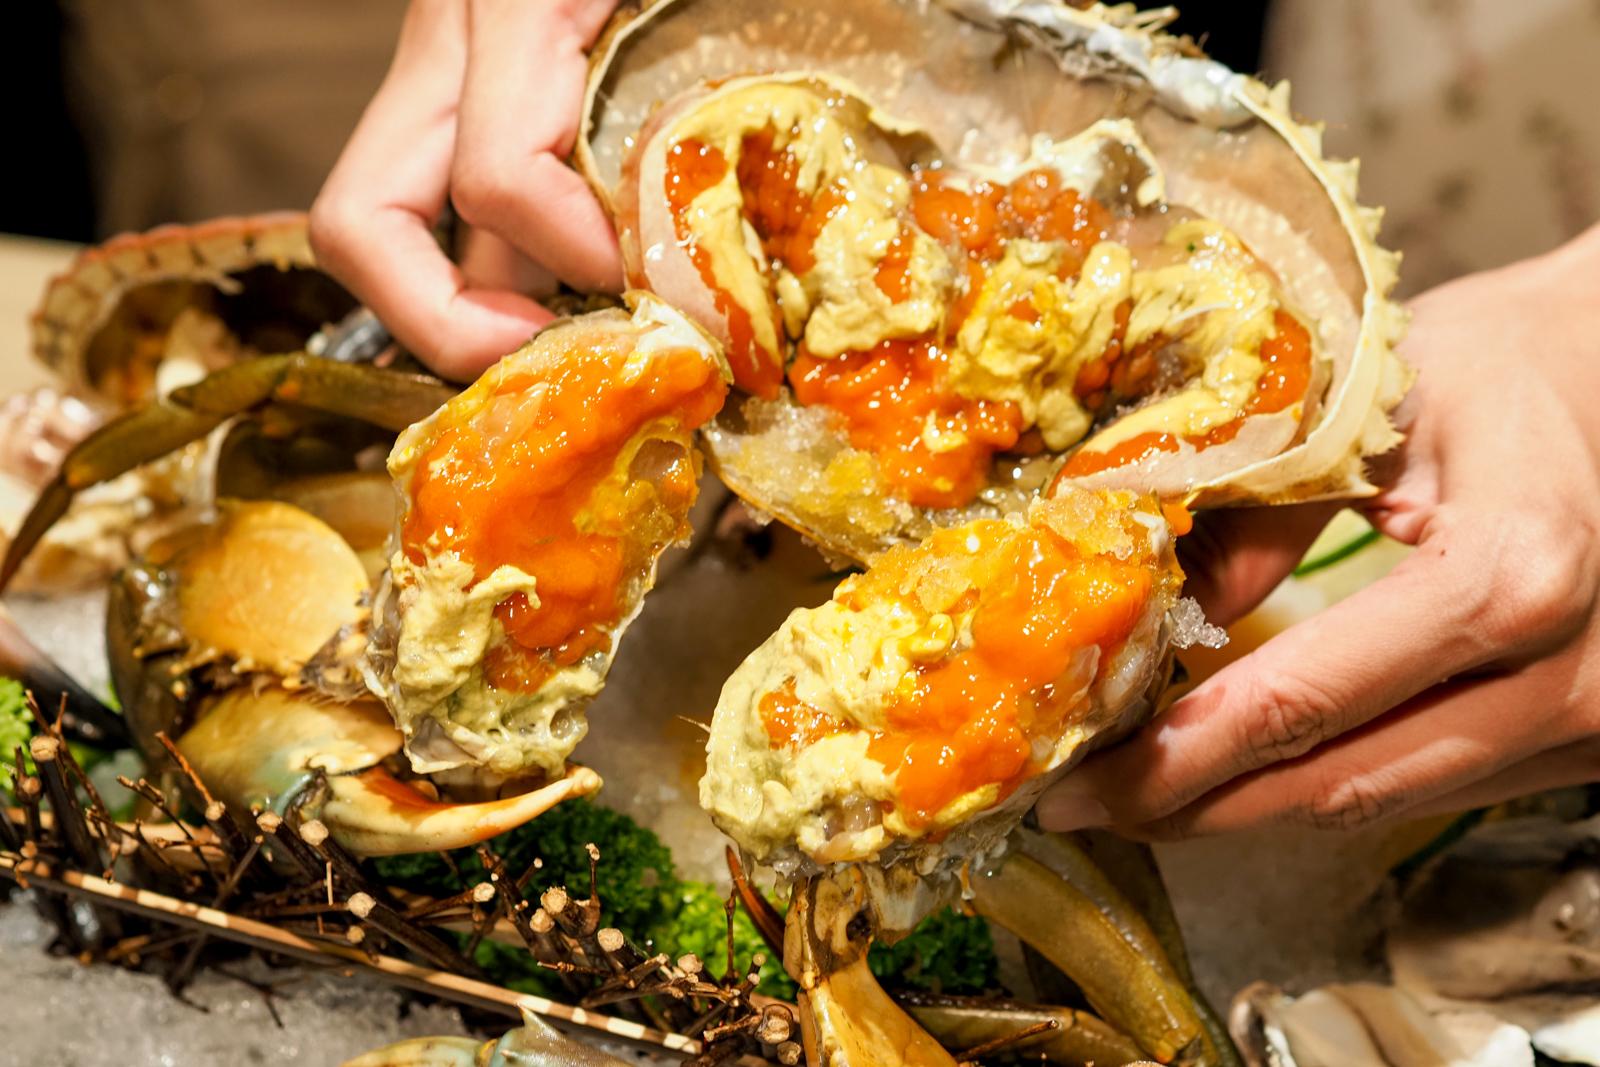 【台北火鍋】東雛菊風味鍋物 五倍券花下去海鮮滿滿台北最強蟹黃鍋在此!